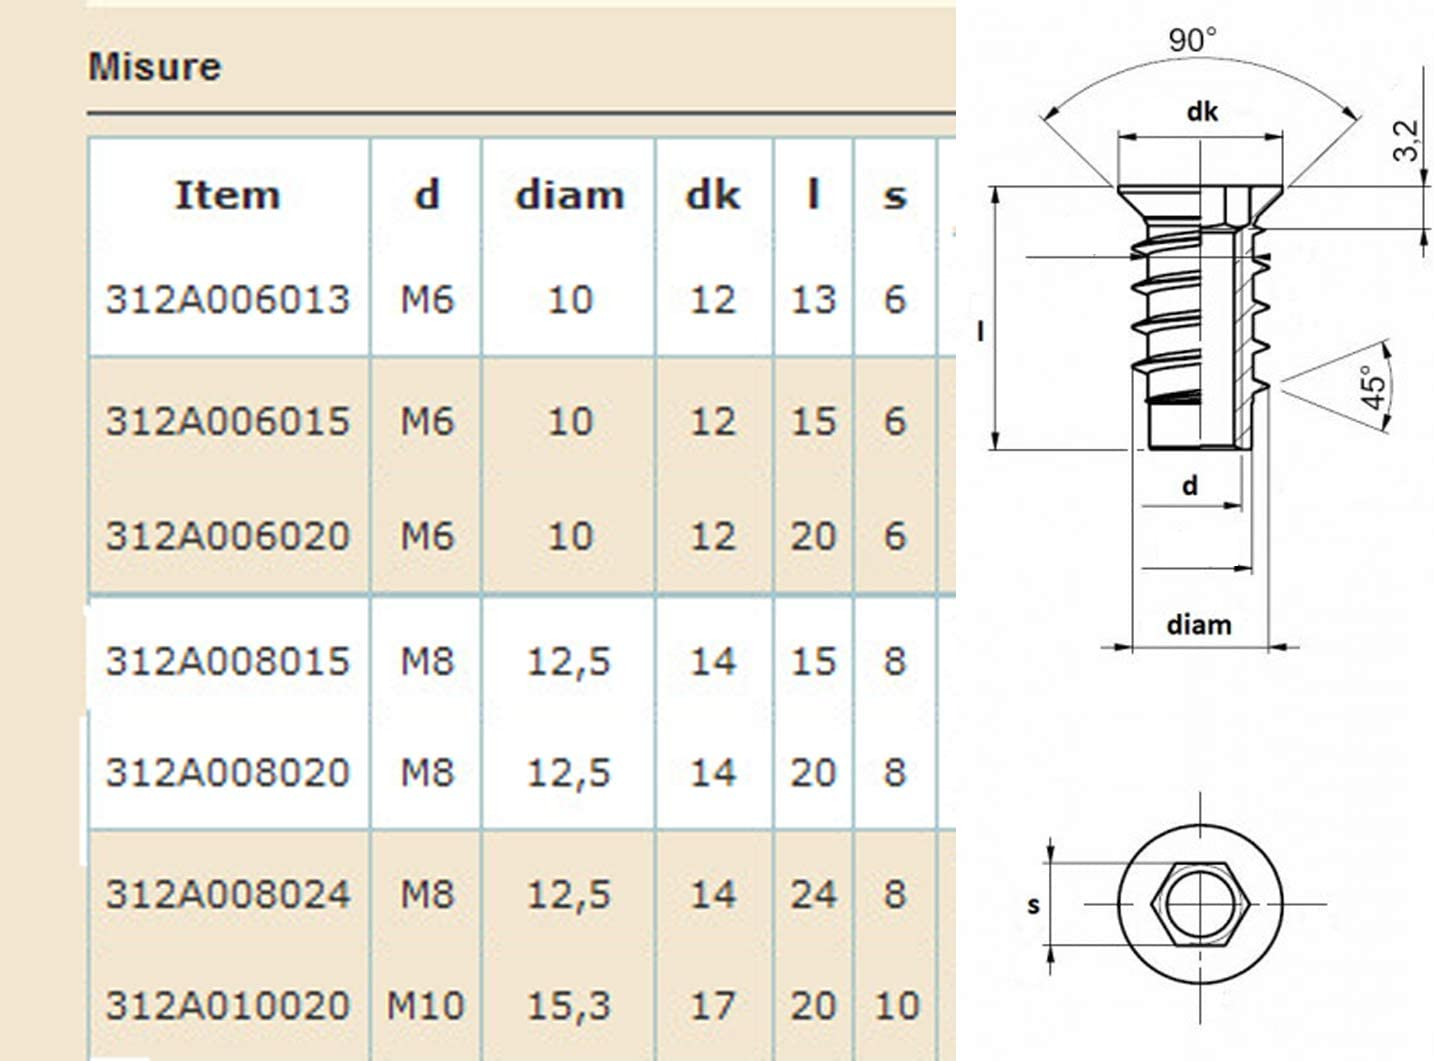 M6 Innengewinde Einschraubmutter ohneKragen 18 mm Profiqualit/ät von RONIN FURNITURE FITTINGS/® MA.314A6018 50 St/ück Einschraubmuffe verzinkt